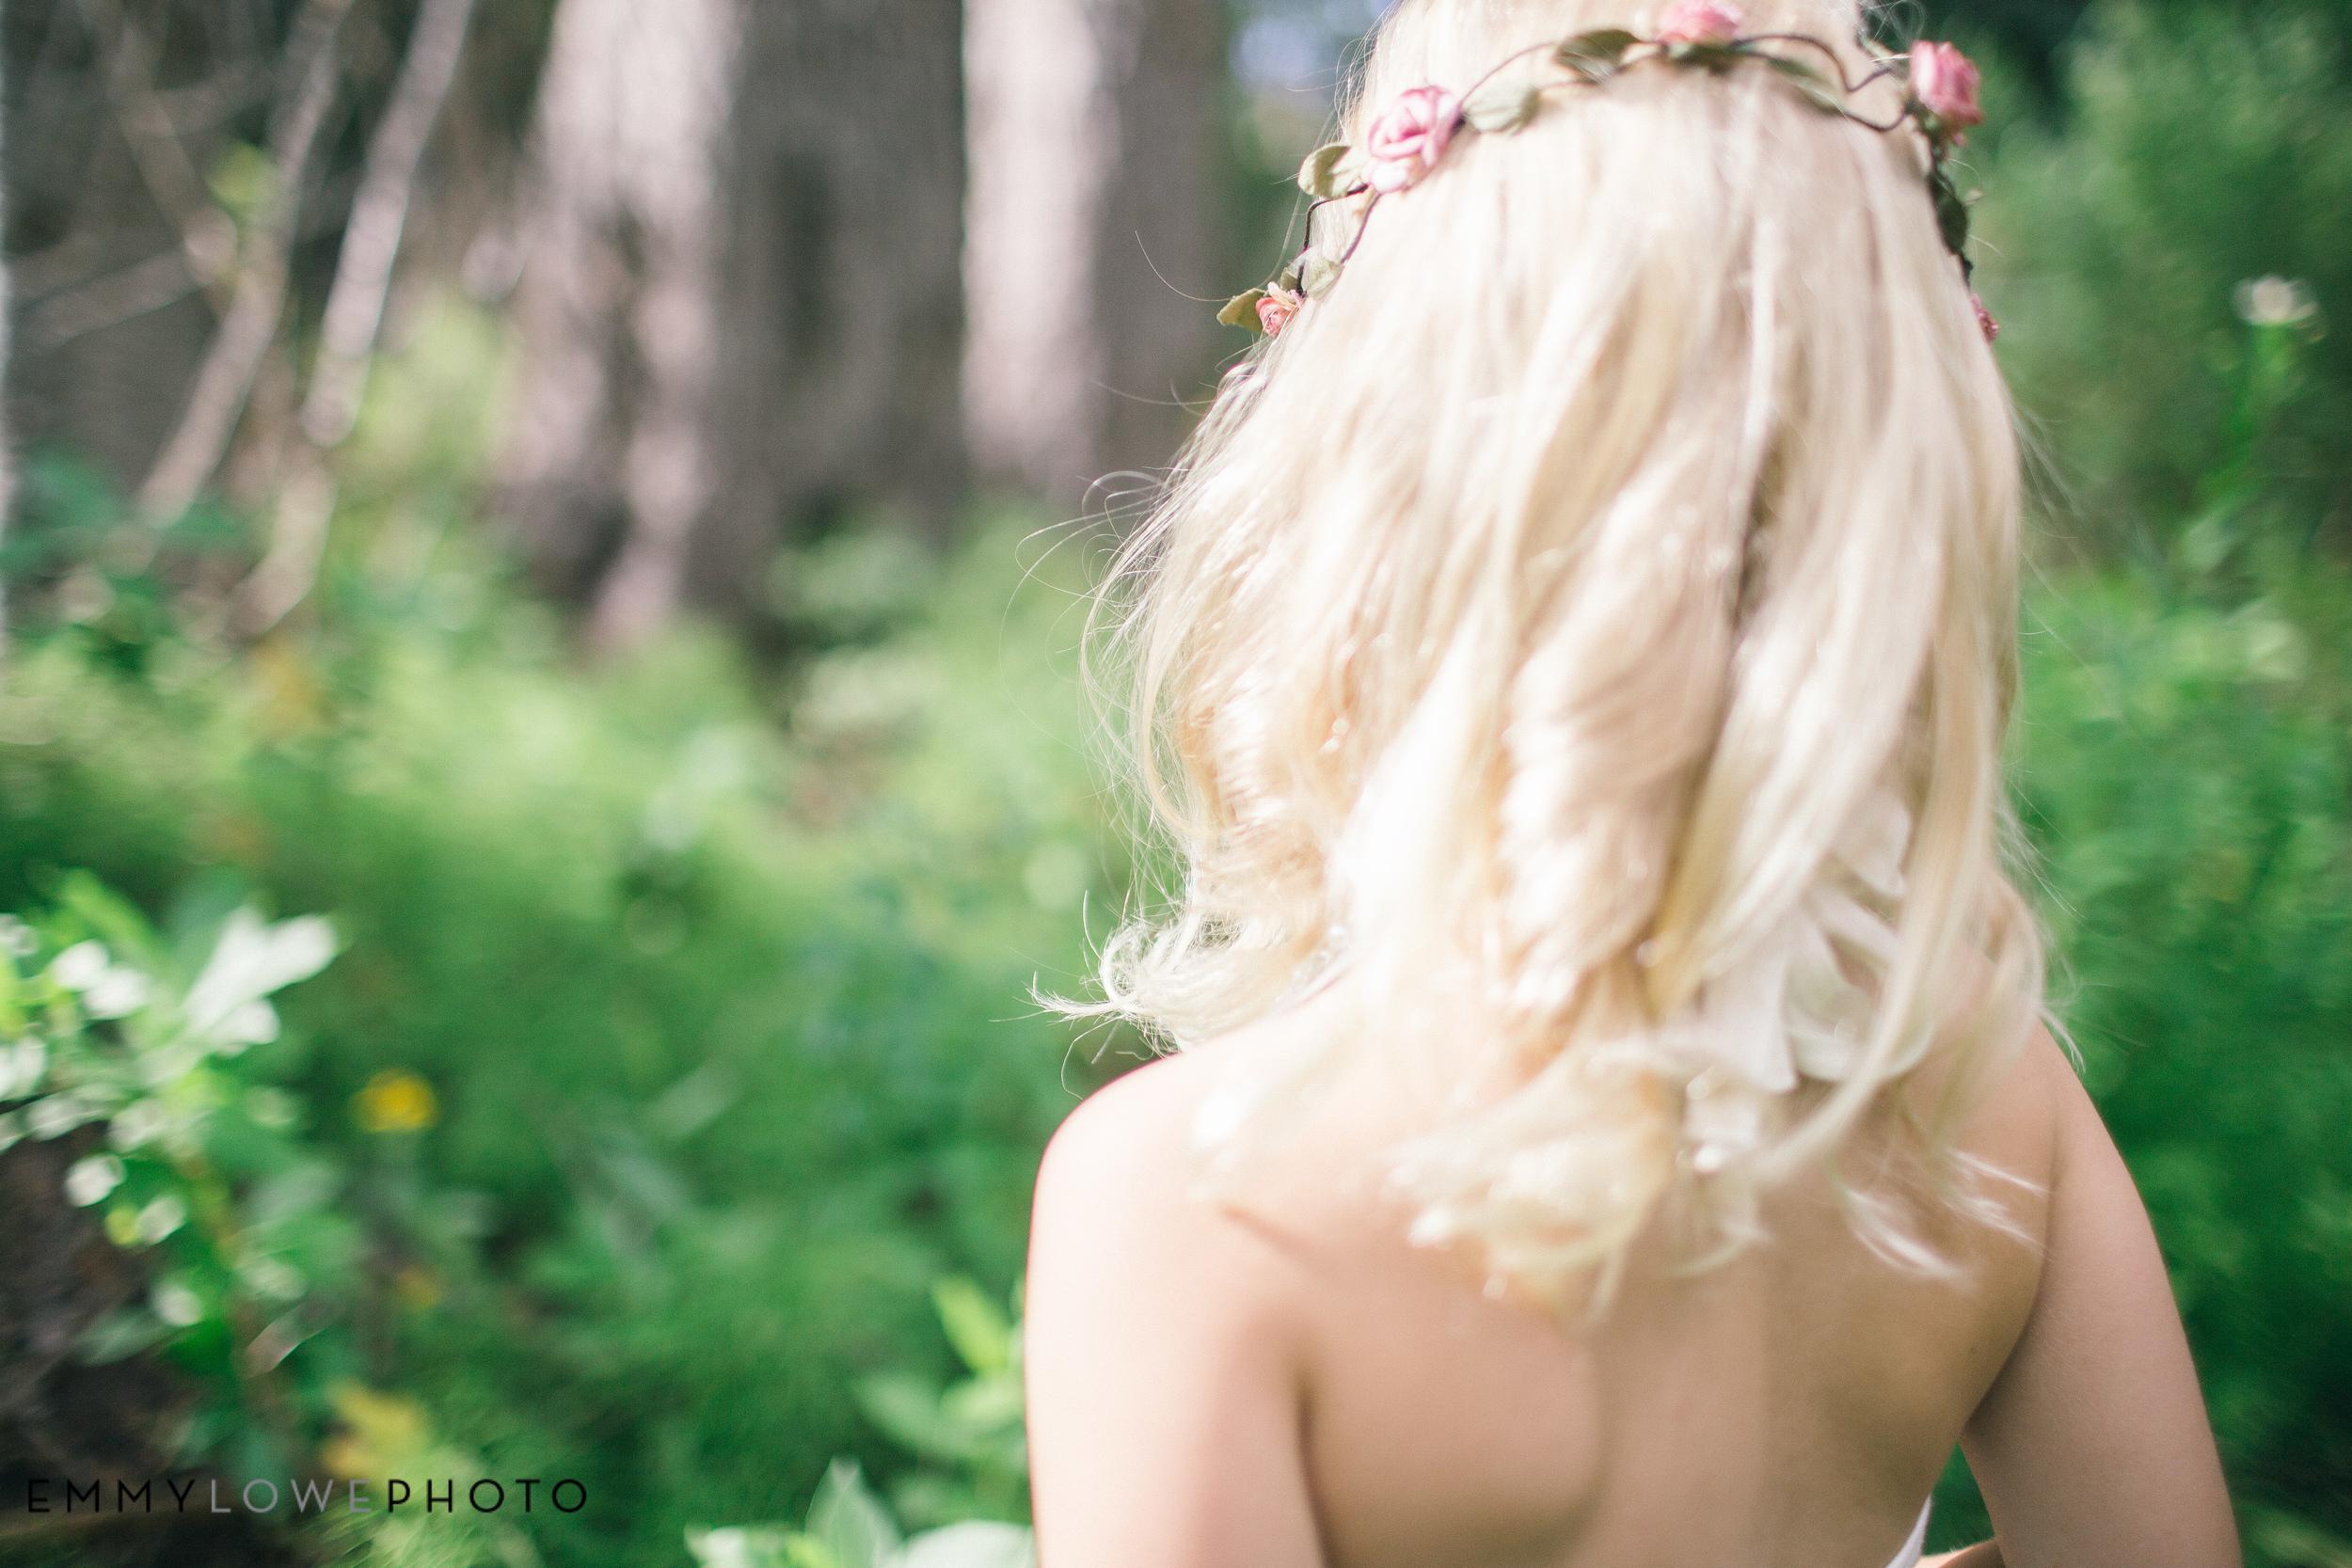 EmmyLowePhotoBentley-31.jpg